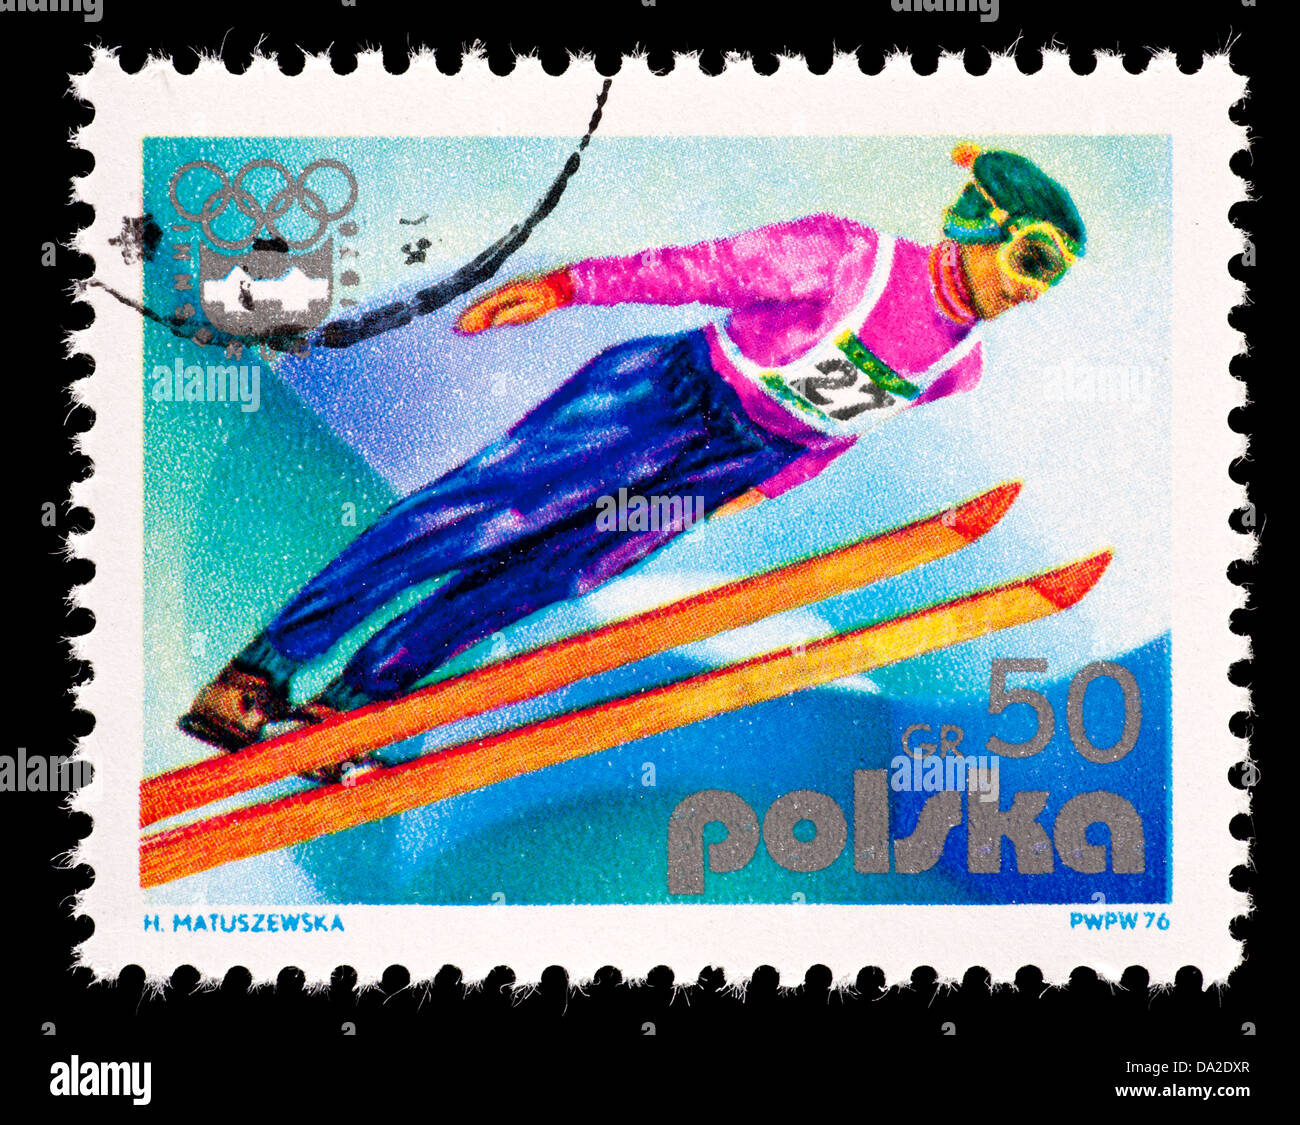 Timbre-poste de la Pologne représentant un cavalier de ski. Photo Stock